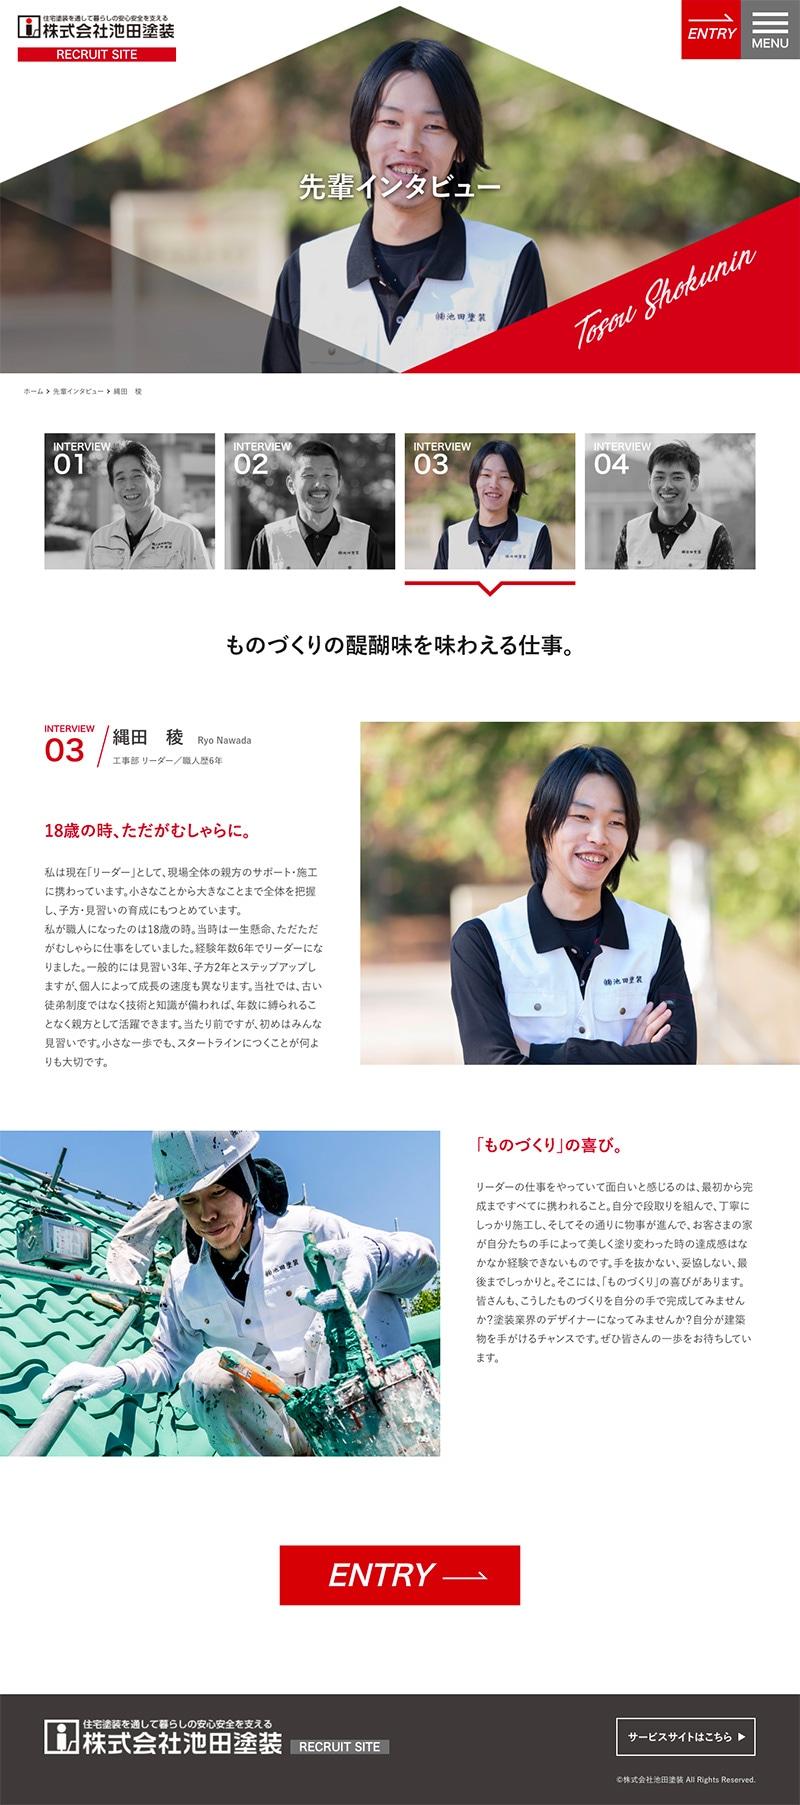 株式会社池田塗装様・採用サイト